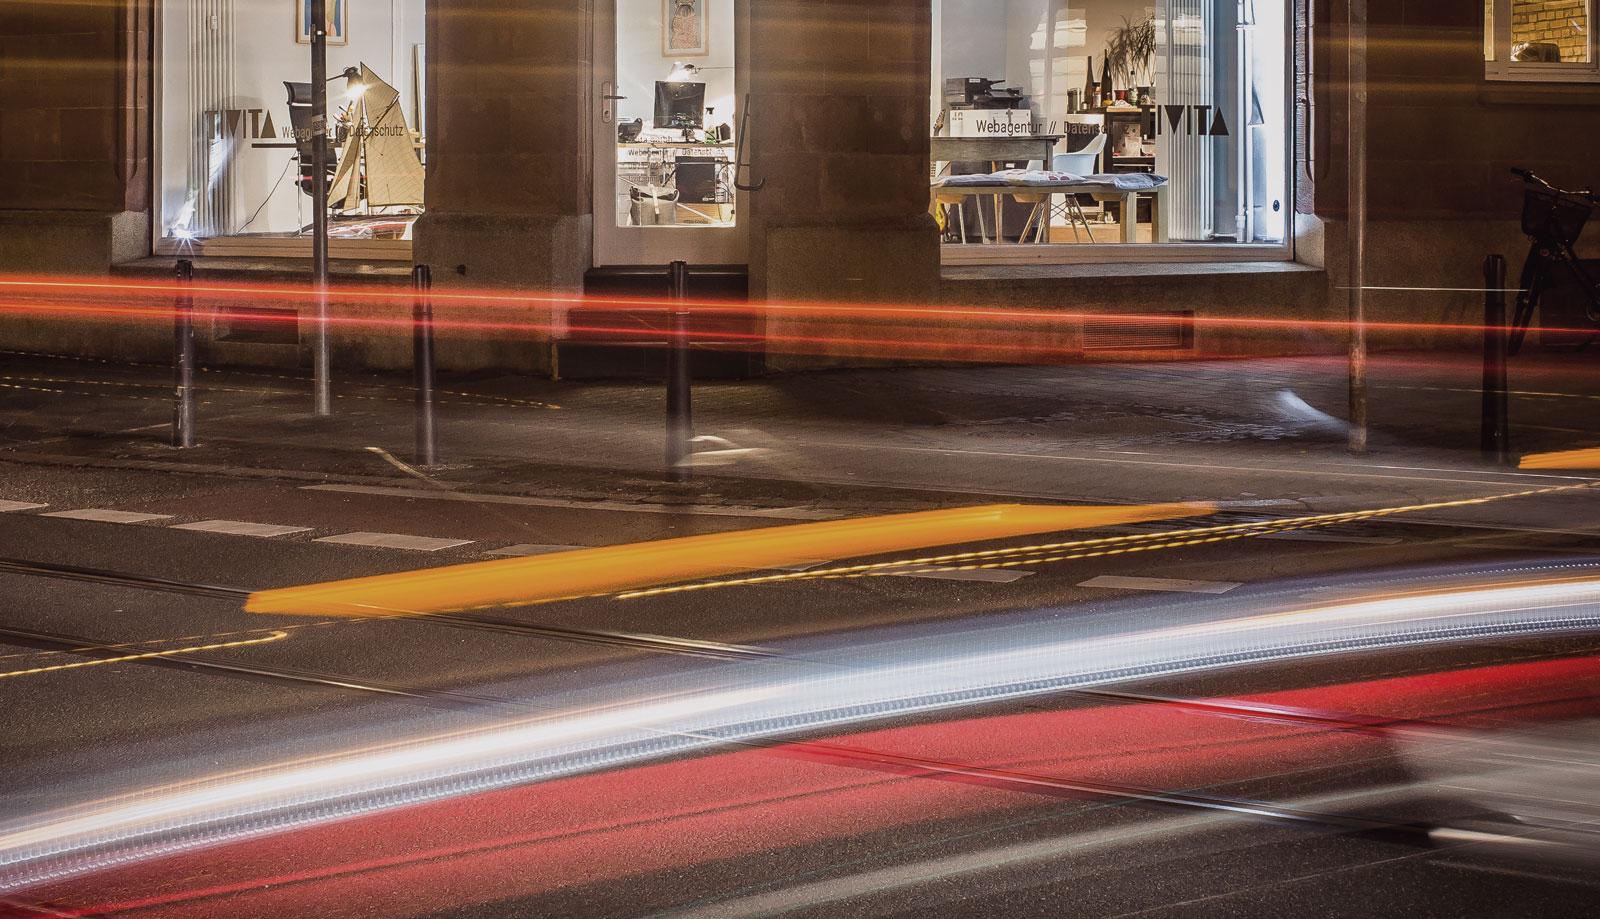 Die Büroräume der TIVITA GmbH von außen mit Lichtstreifen vorbei fahrender Autos